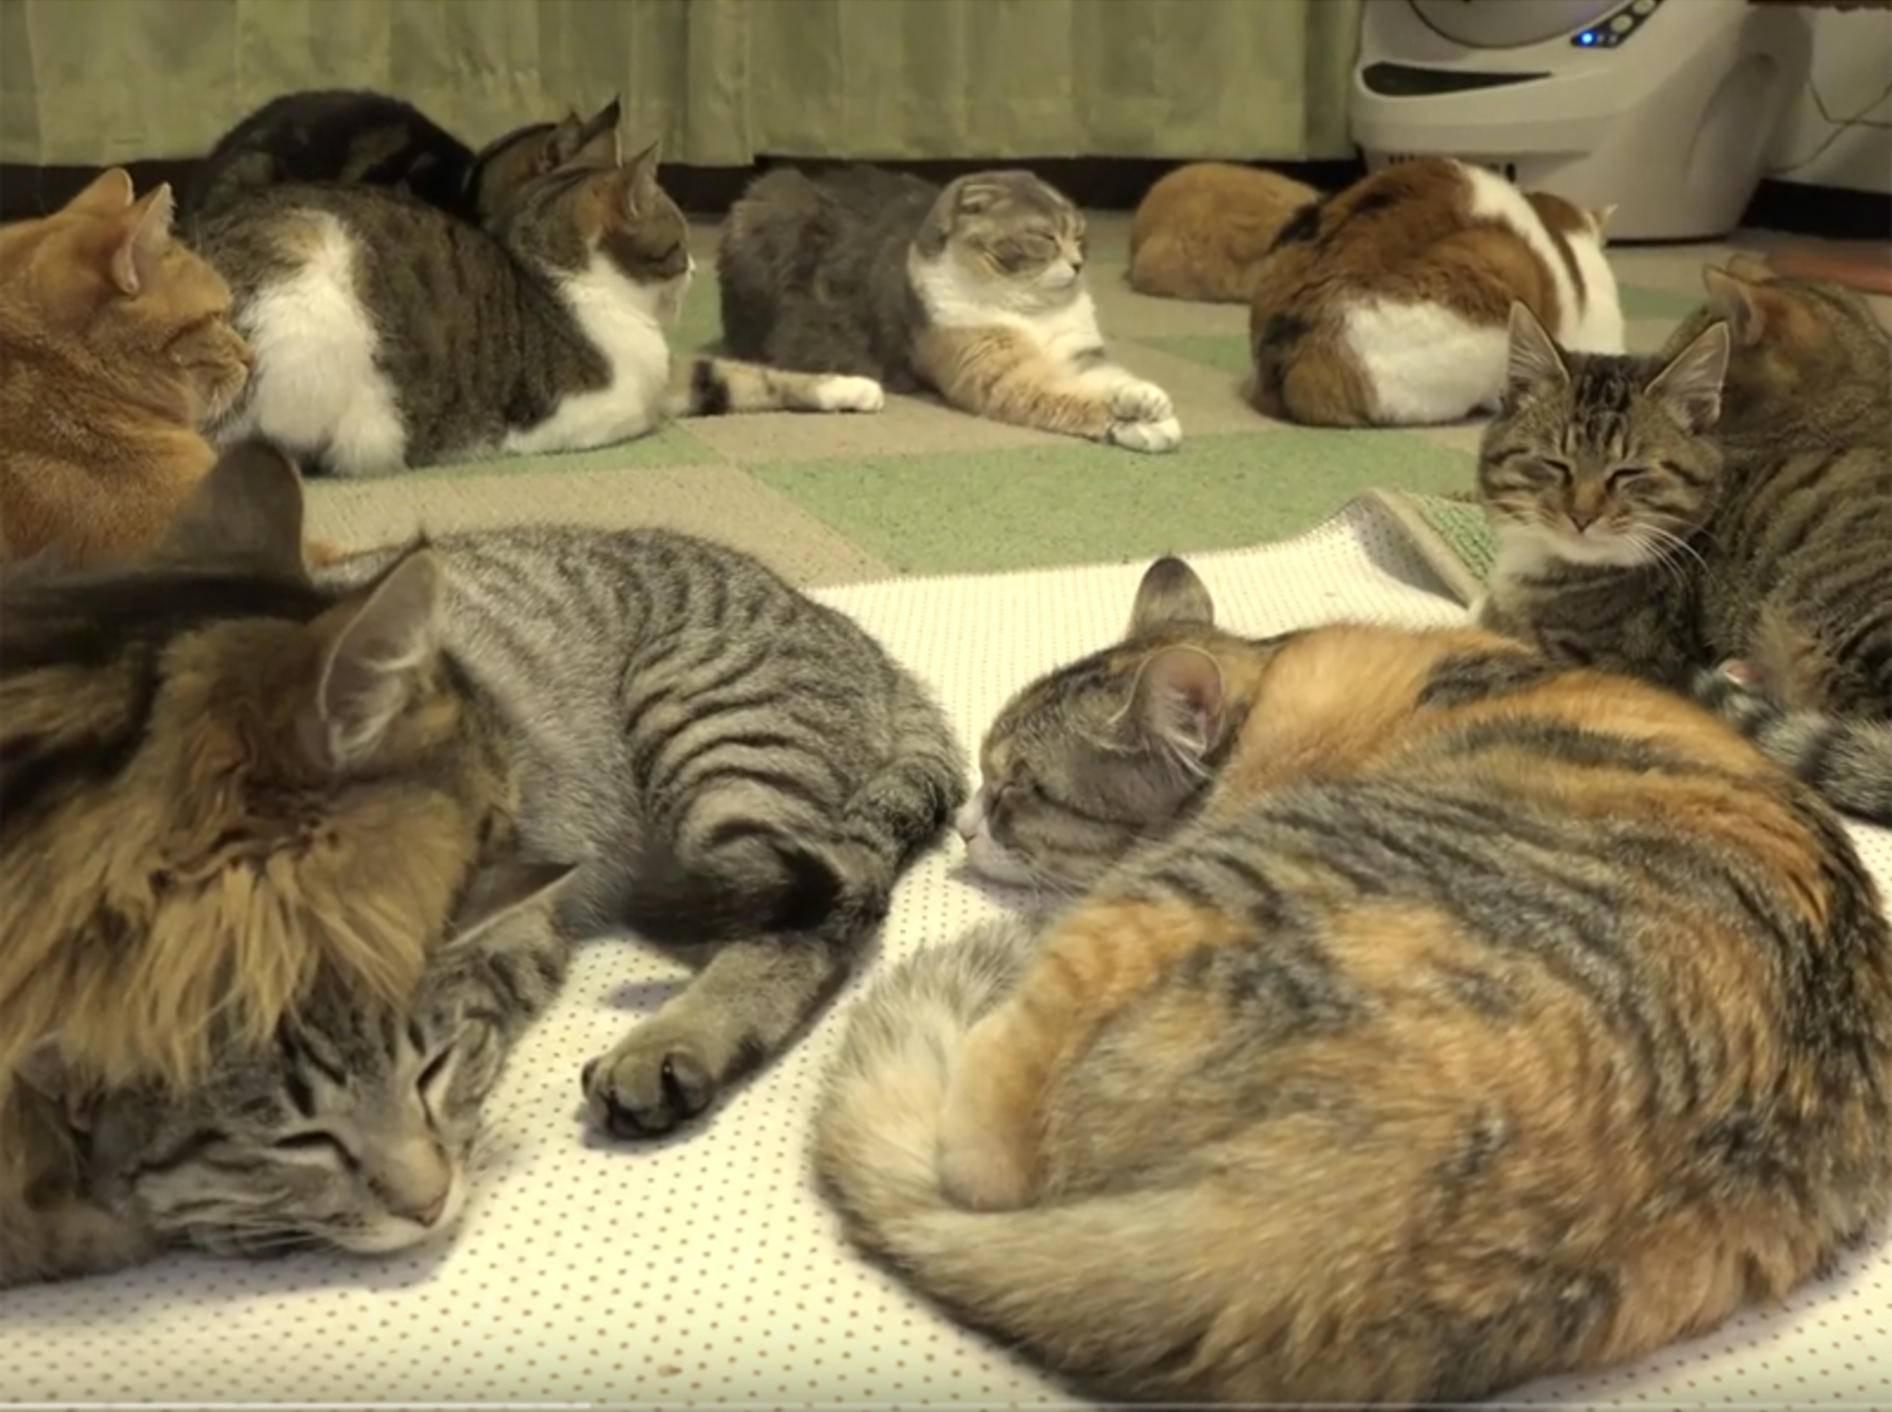 14 Katzen machen ein kuschelig-warmes Nickerchen – YouTube / 10 Cats.